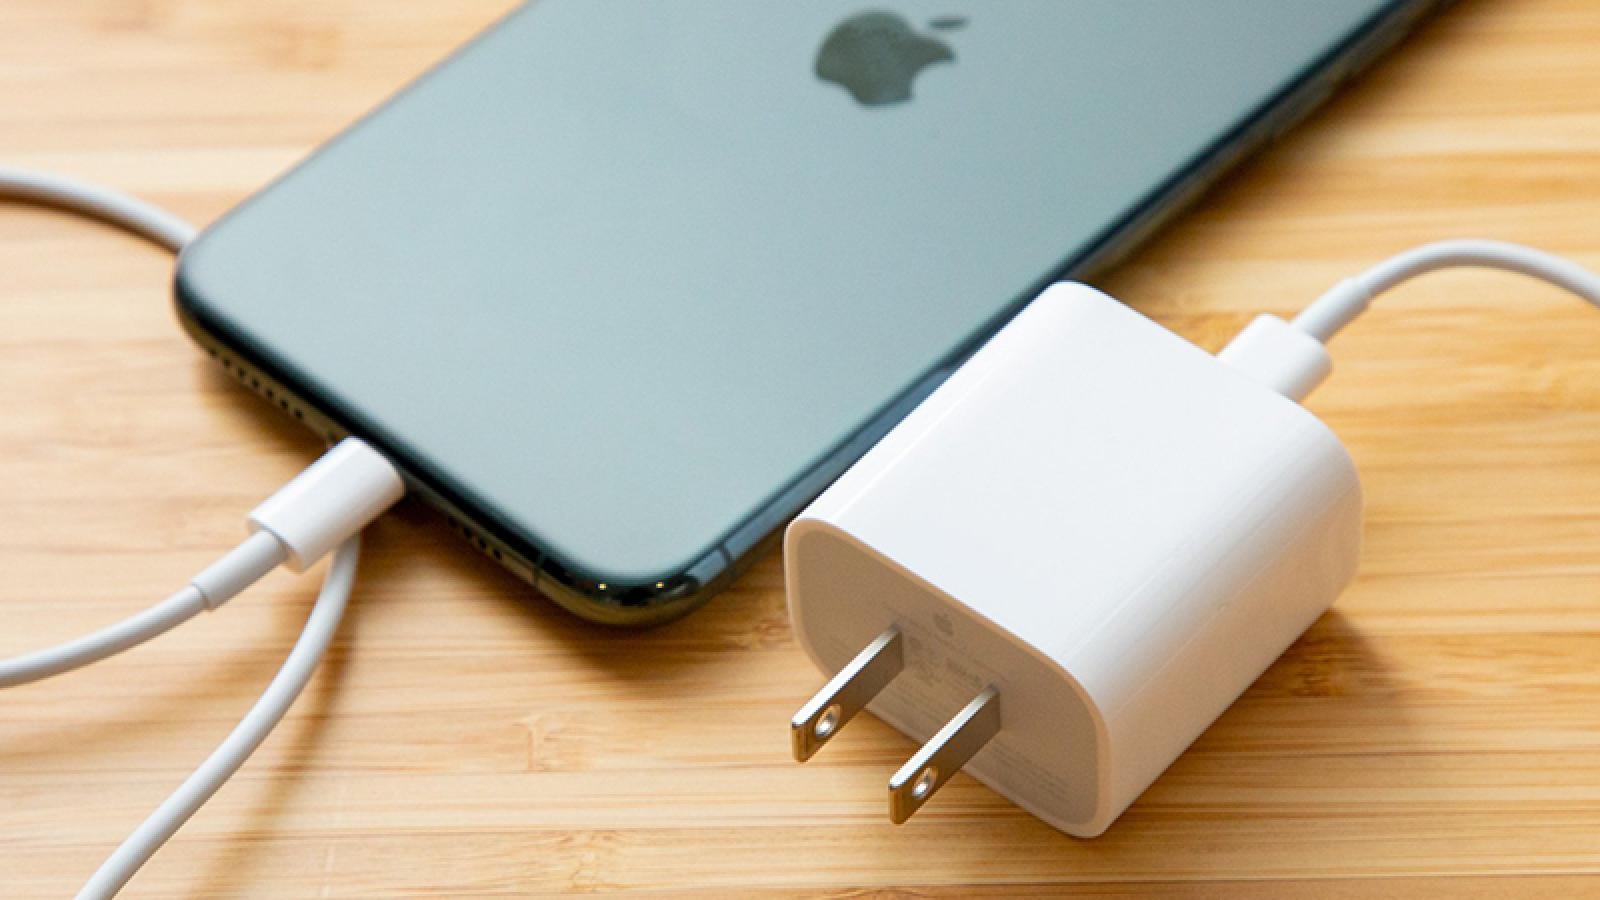 Châu Âu yêu cầu iPhone có cổng USB-C, rời bỏ Lightning